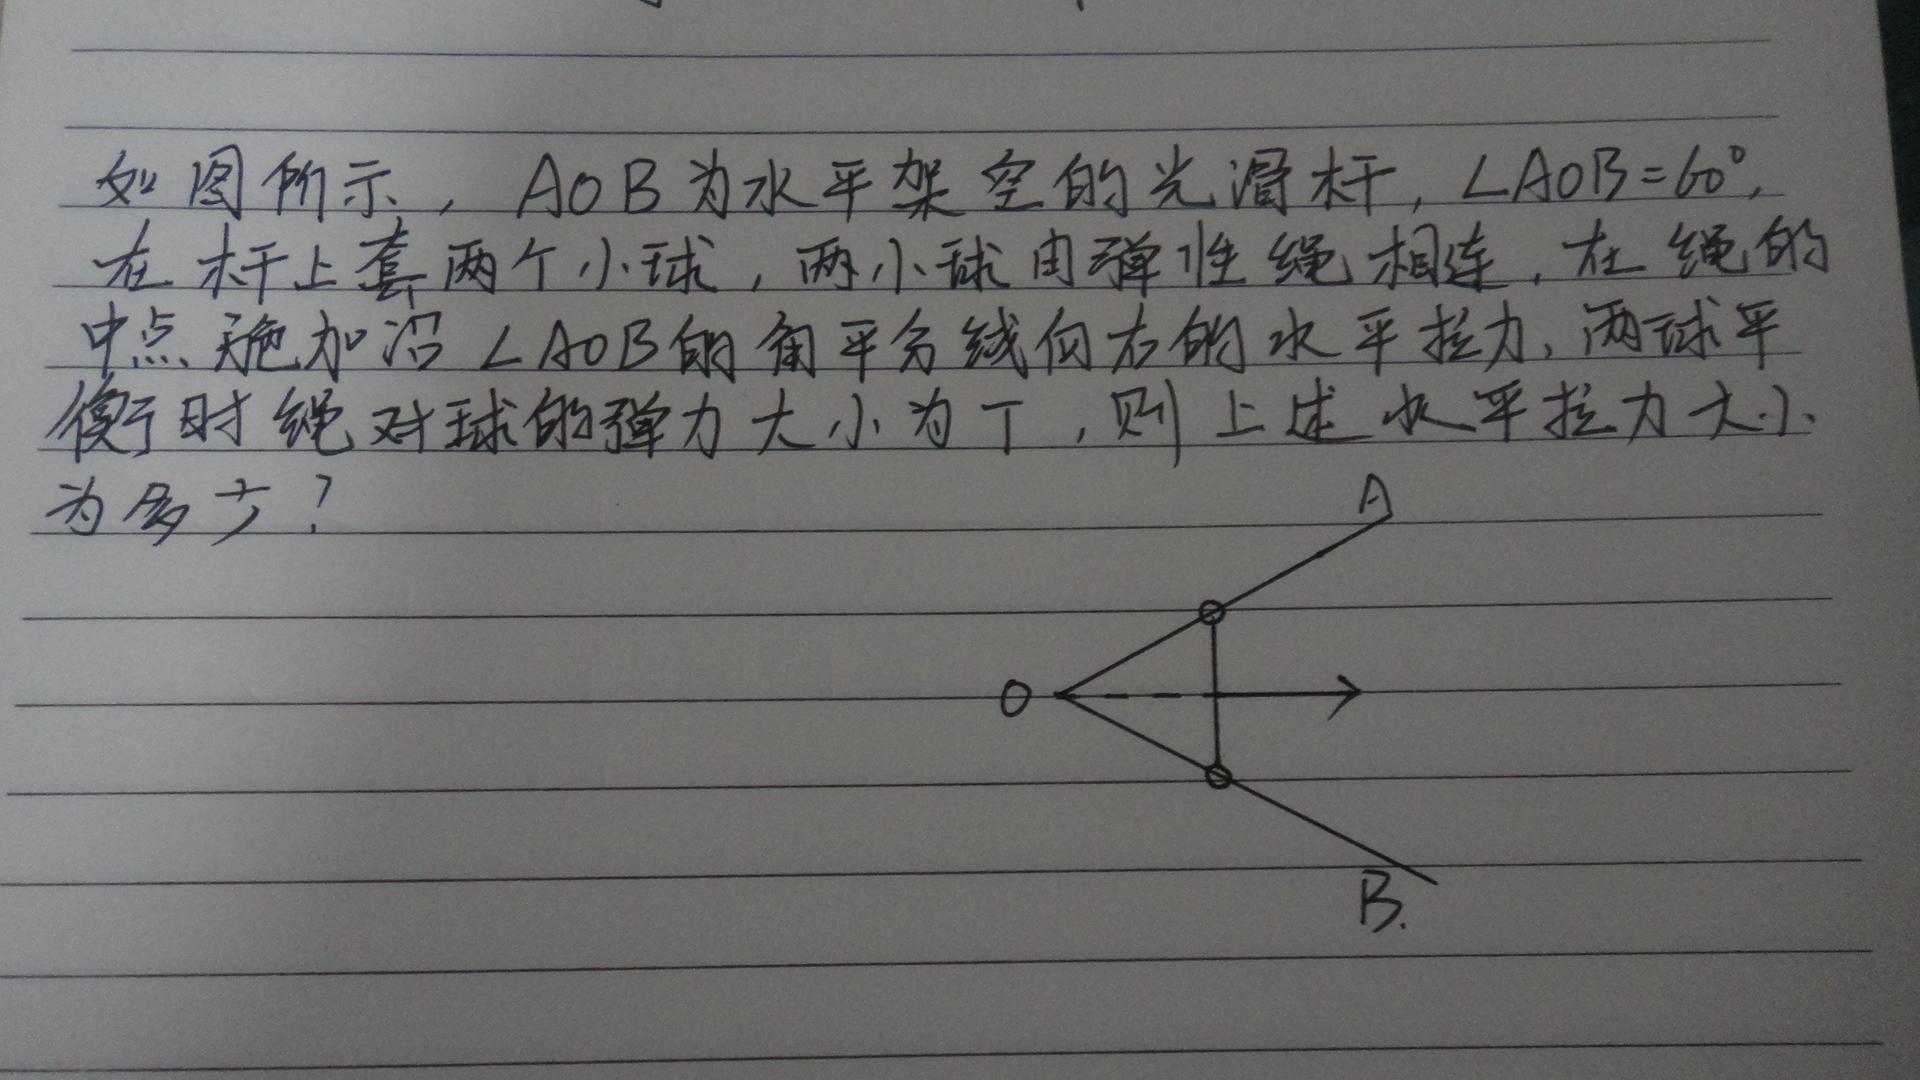 物理 高一 受力分析